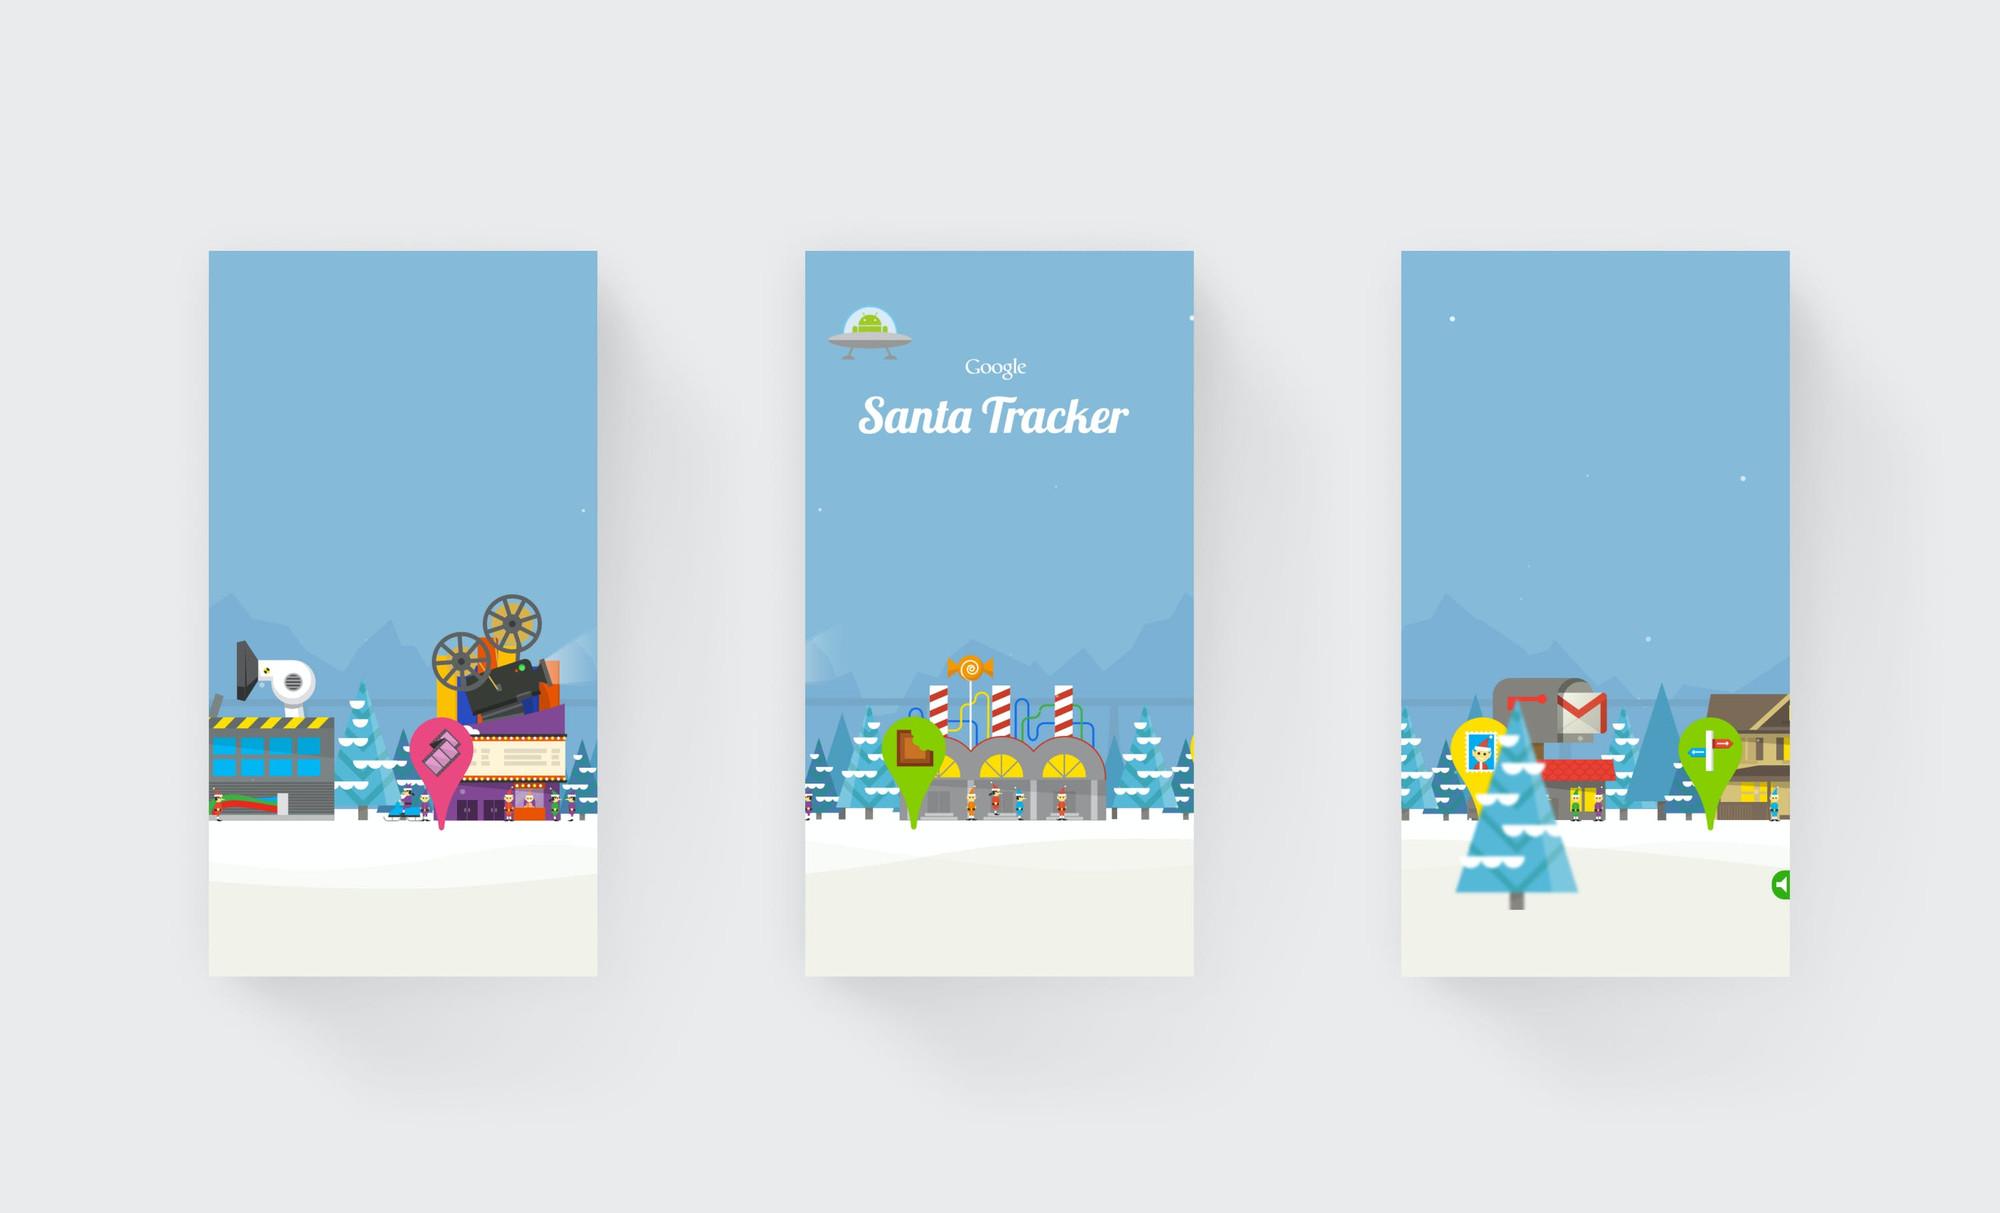 3 images of the Google Santa Tracker landscape